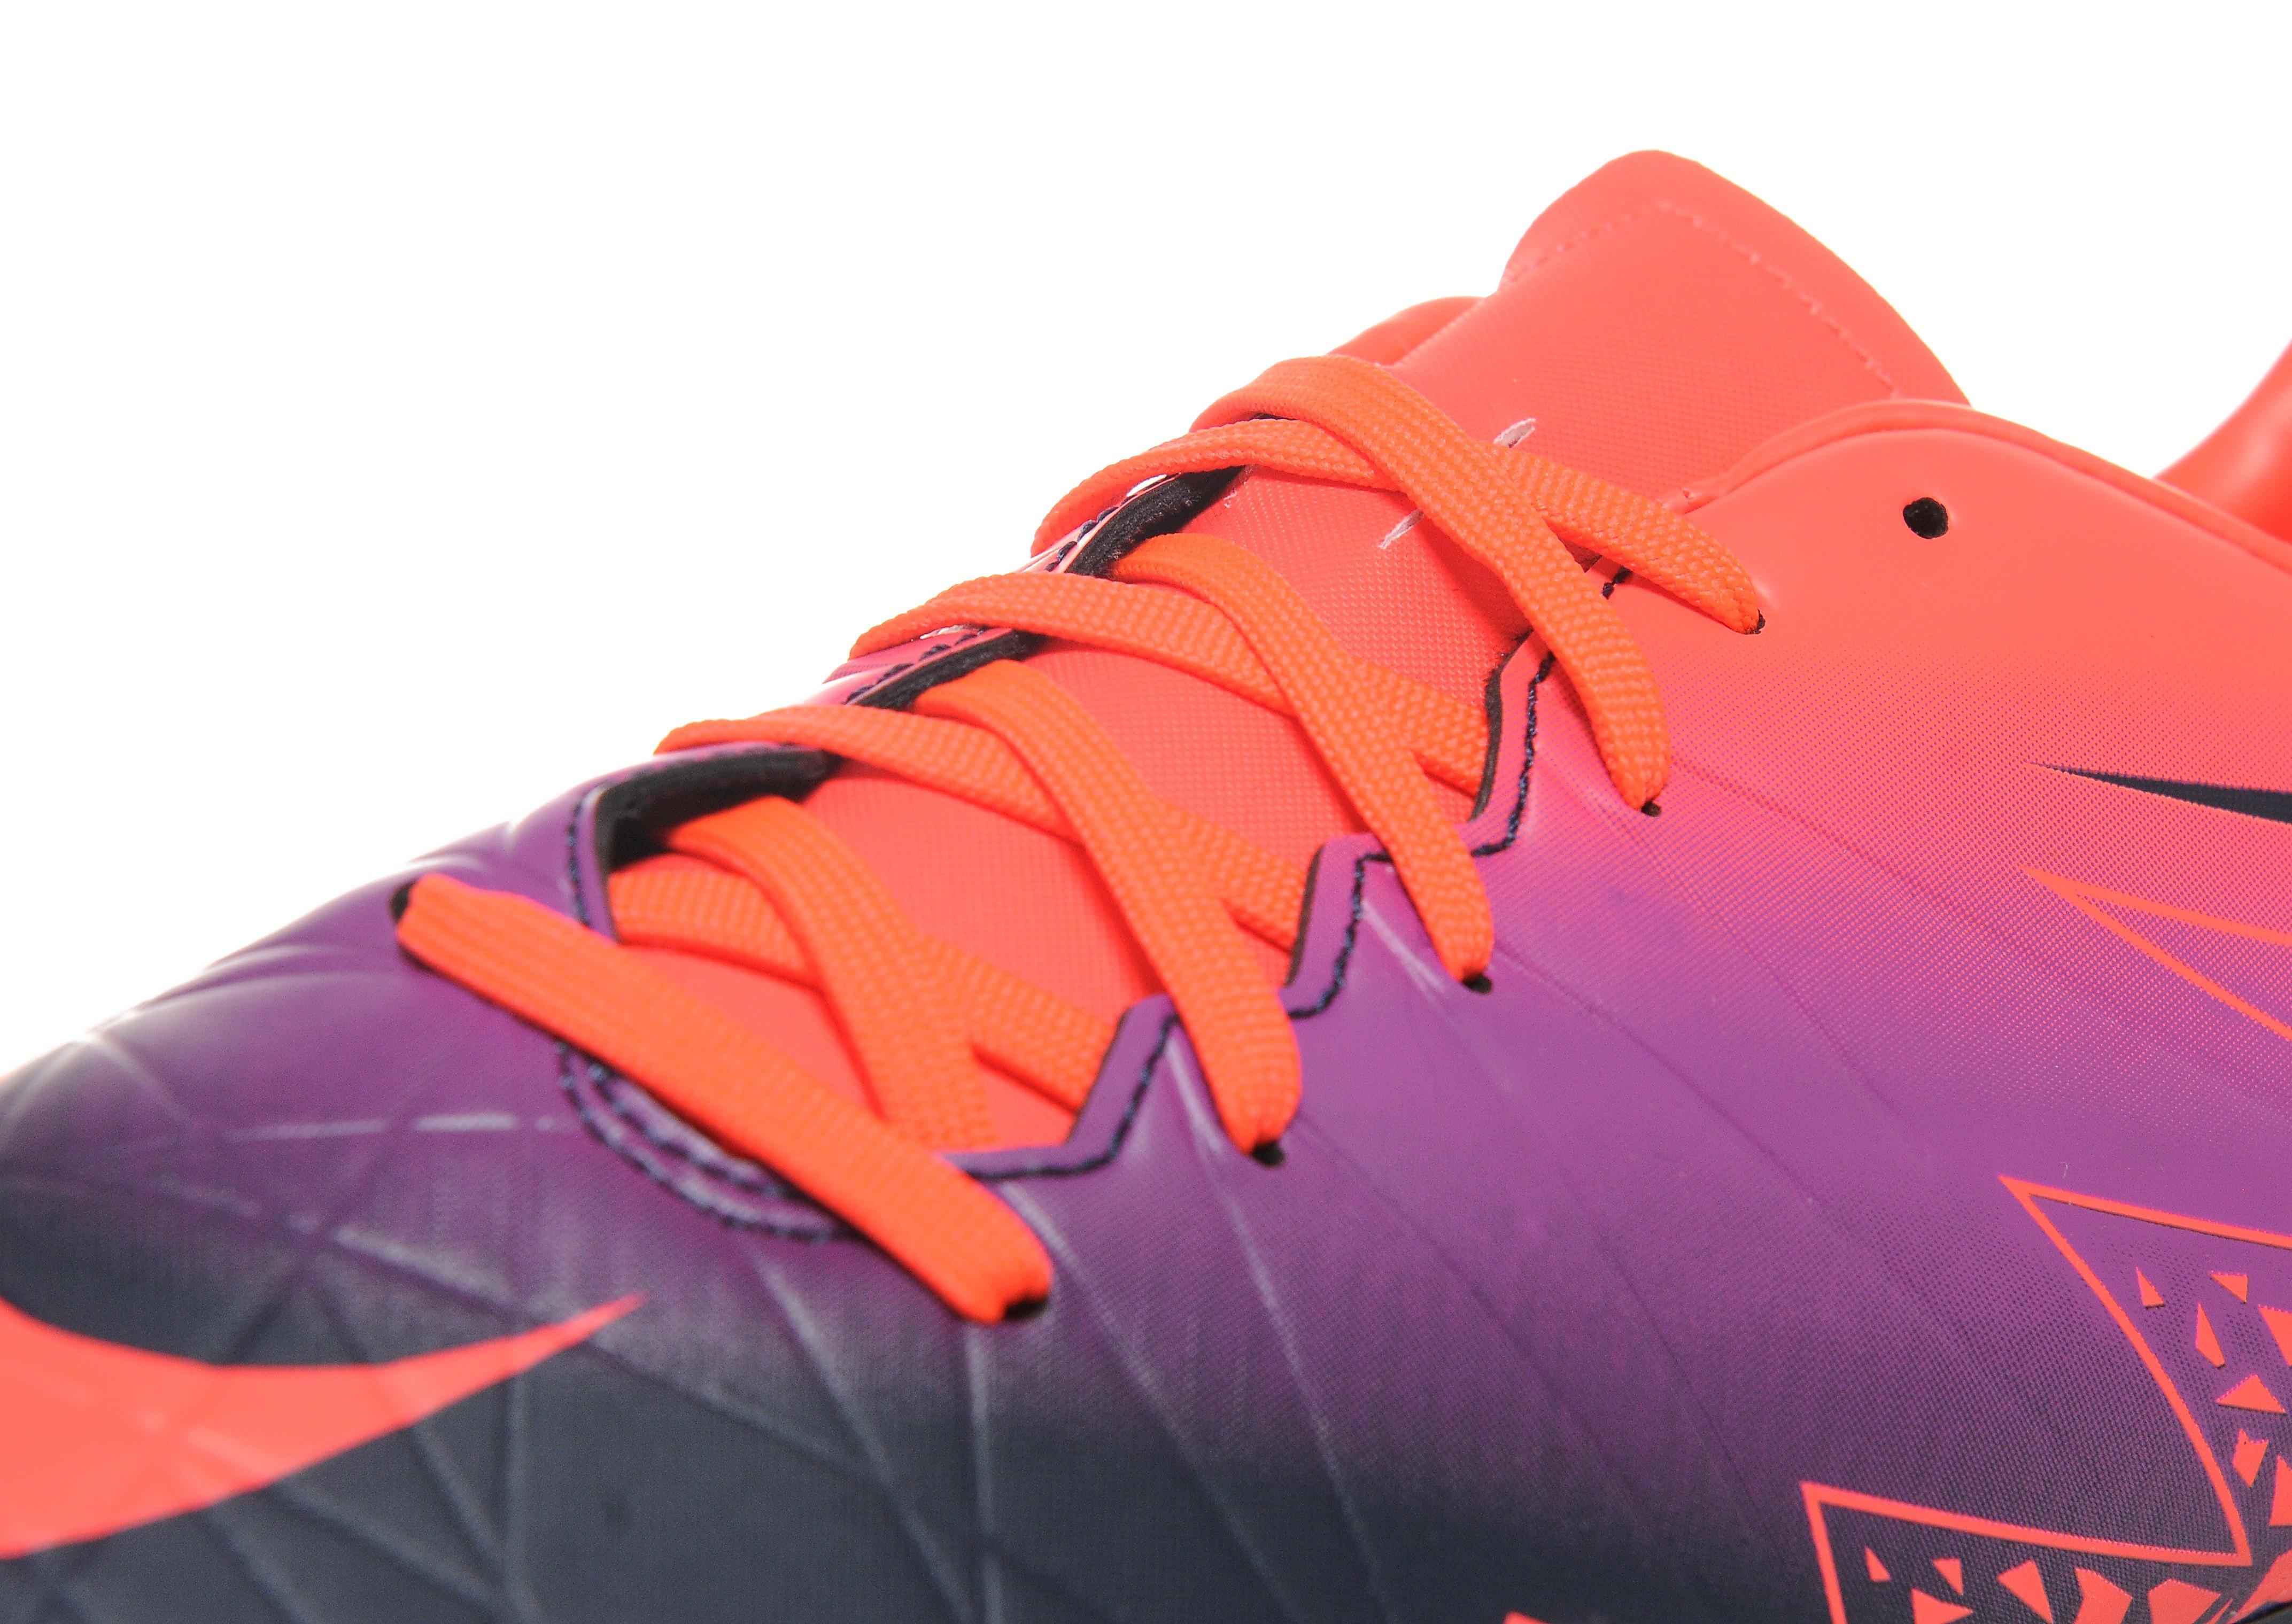 Nike Floodlight Hypervenom Phelon II FG